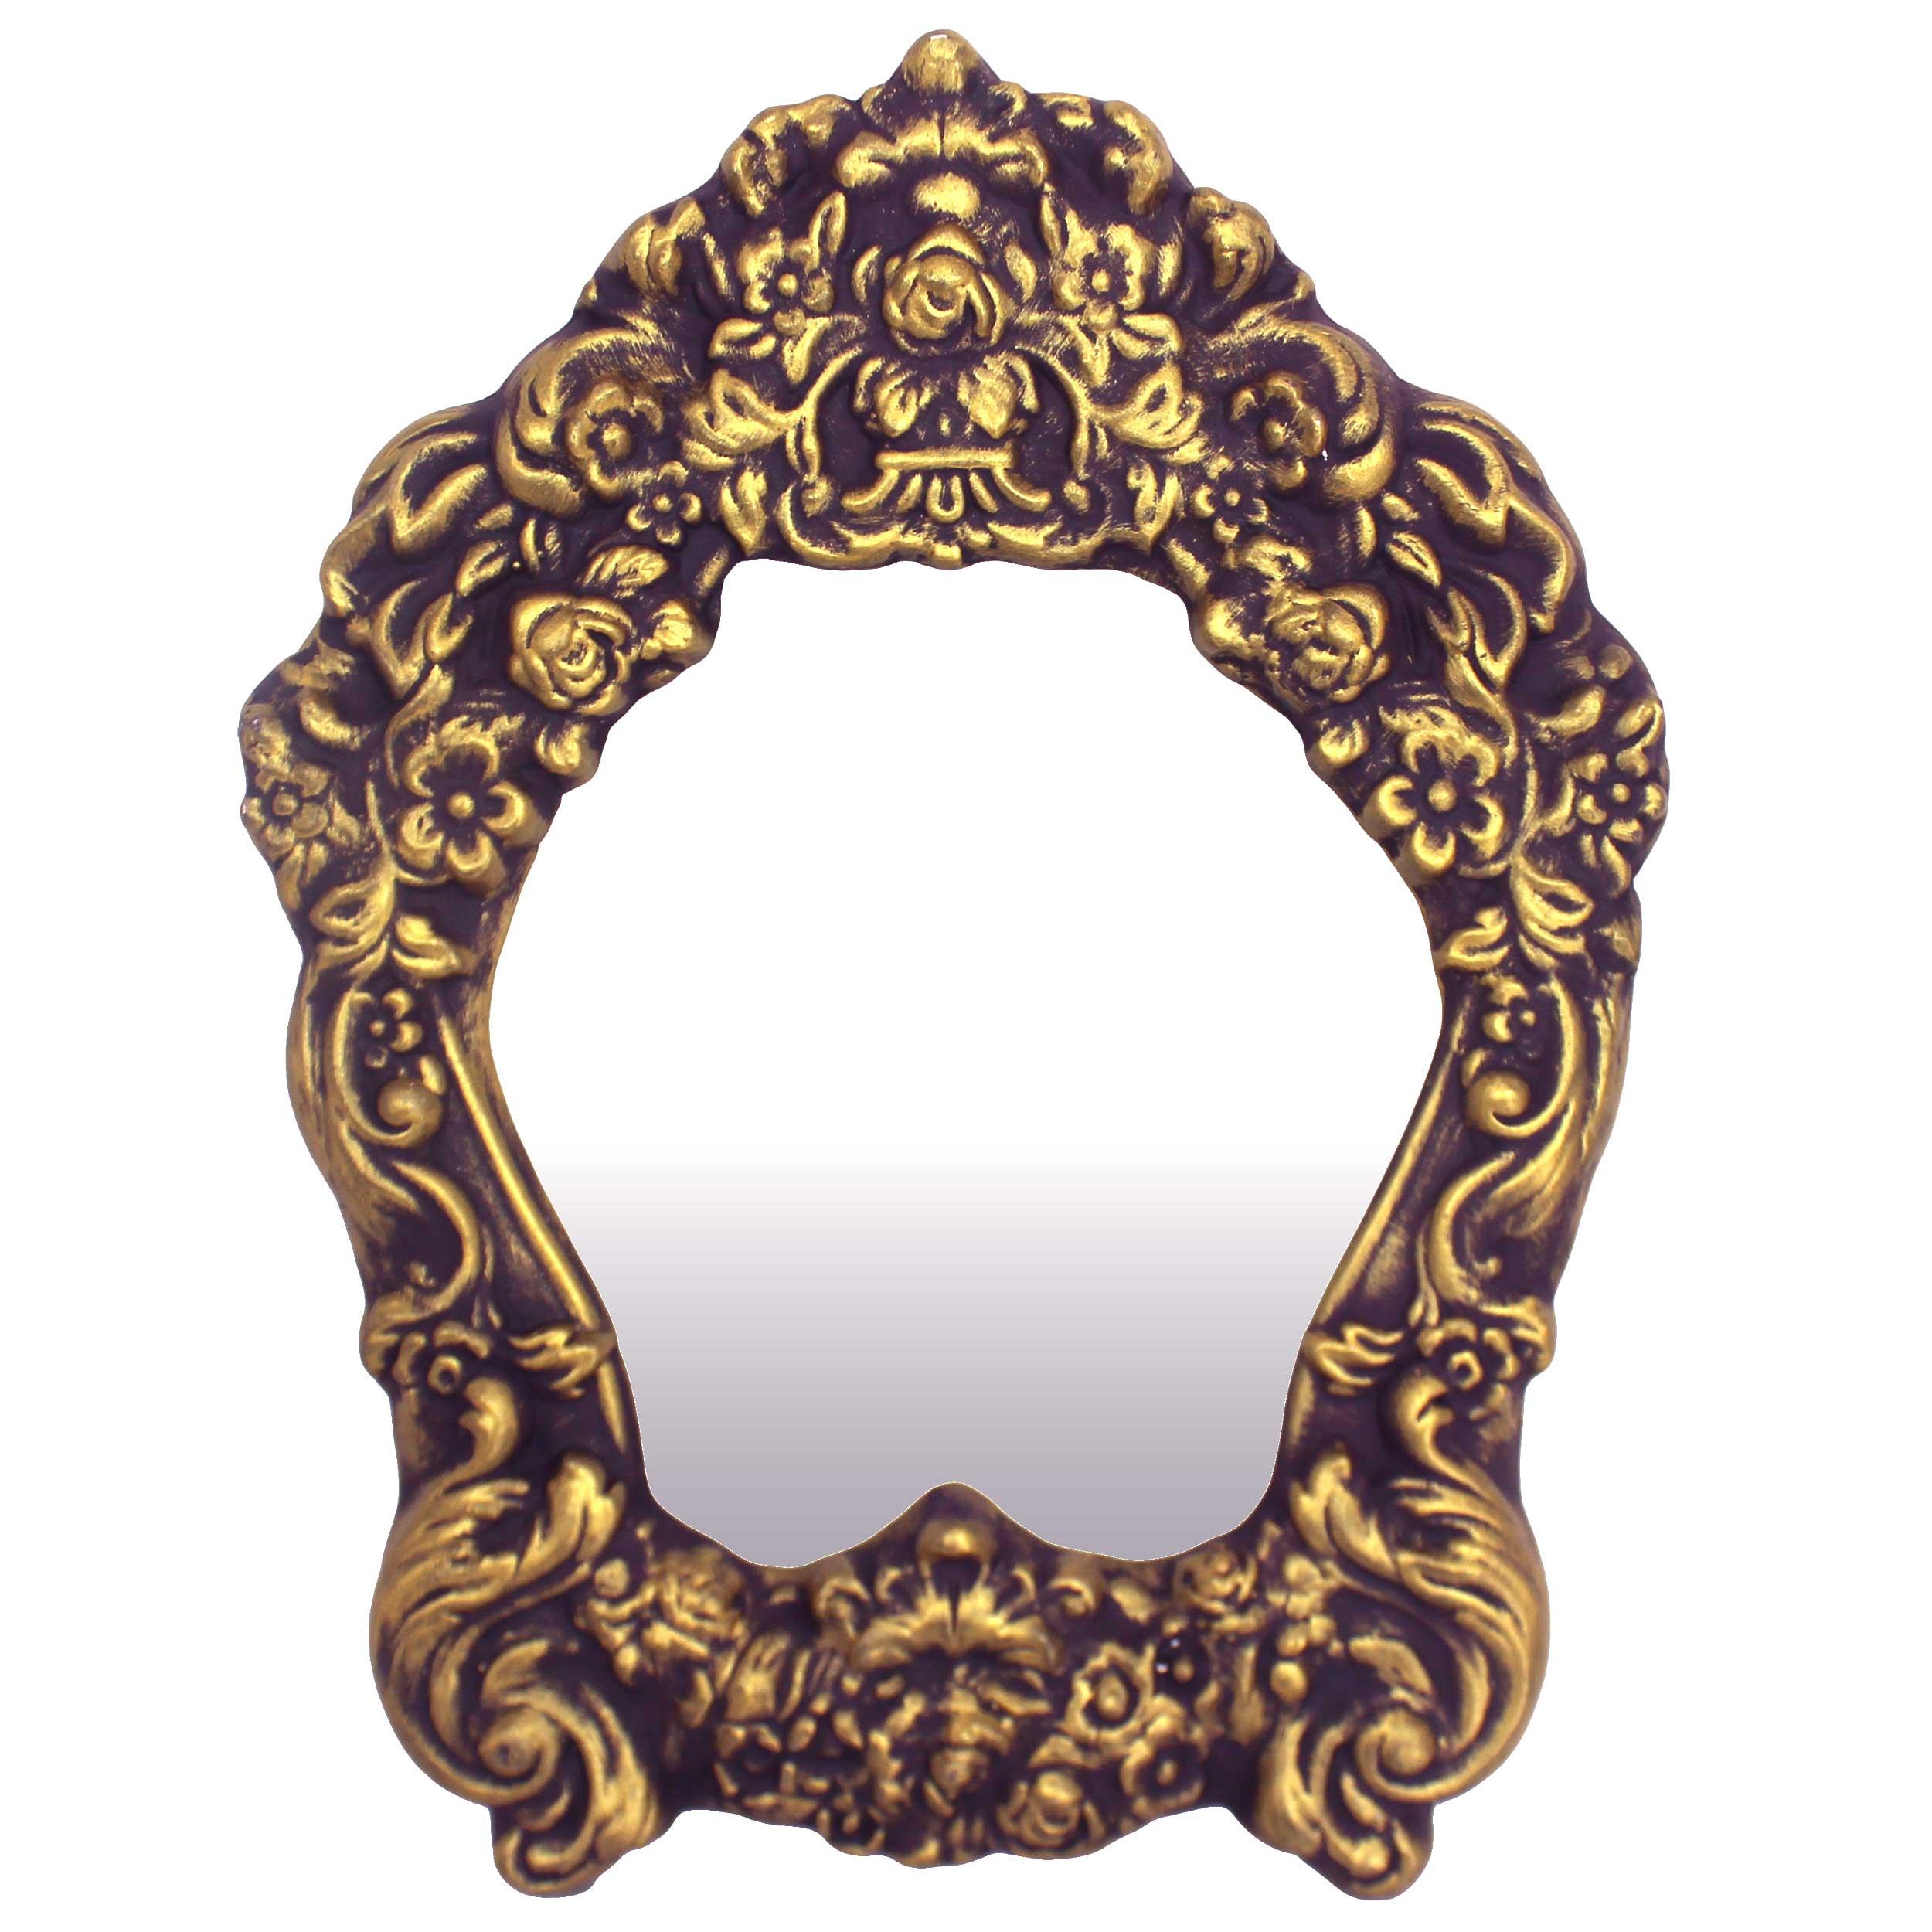 آینه سرامیکی دست نگار طرح گل